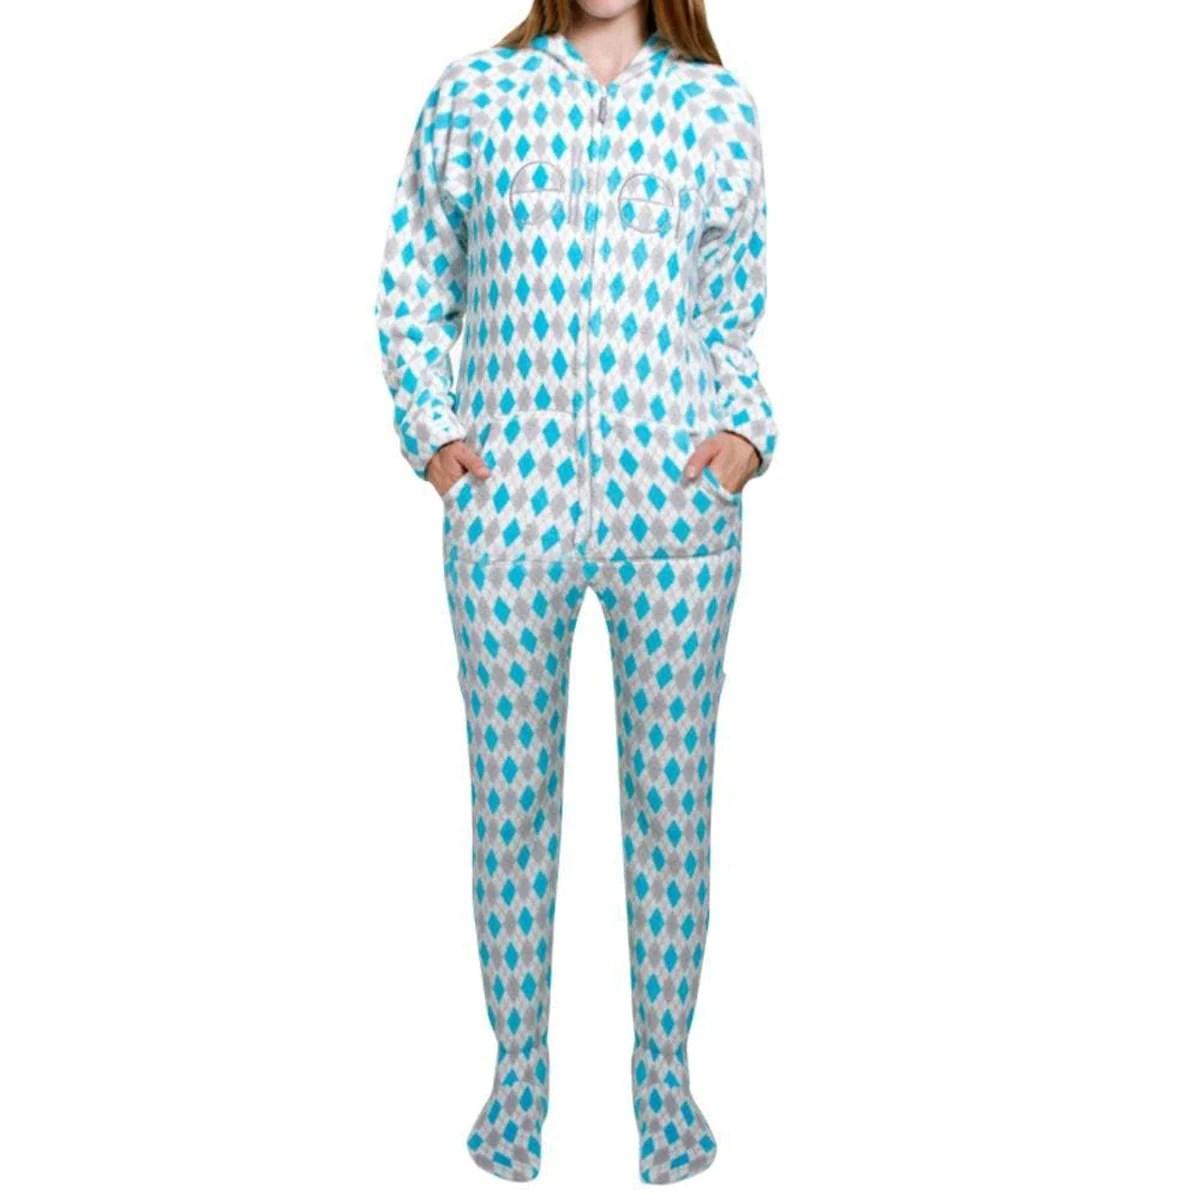 Fullsize Of One Piece Pajamas